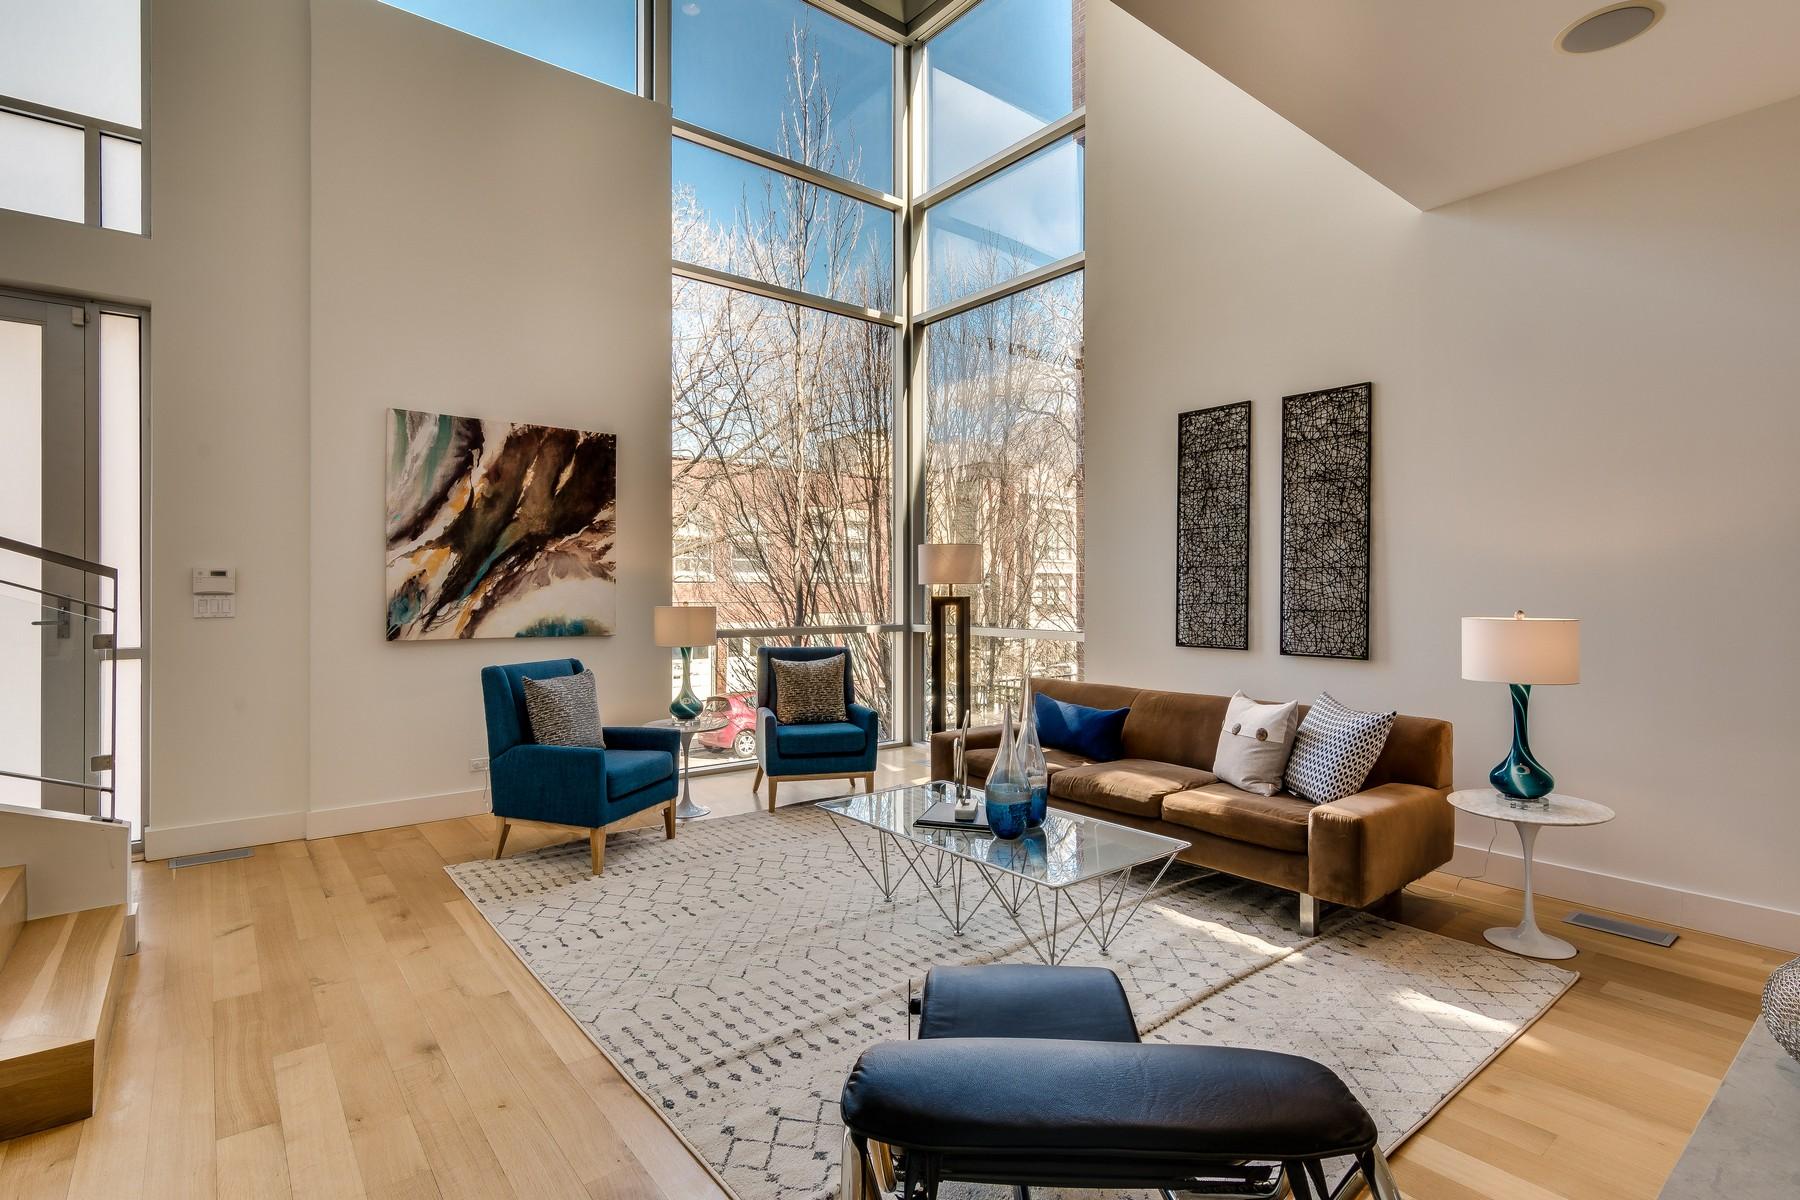 Частный односемейный дом для того Продажа на Jaw-Dropping Custom Built Home 1823 W Race Avenue, West Town, Chicago, Иллинойс, 60622 Соединенные Штаты